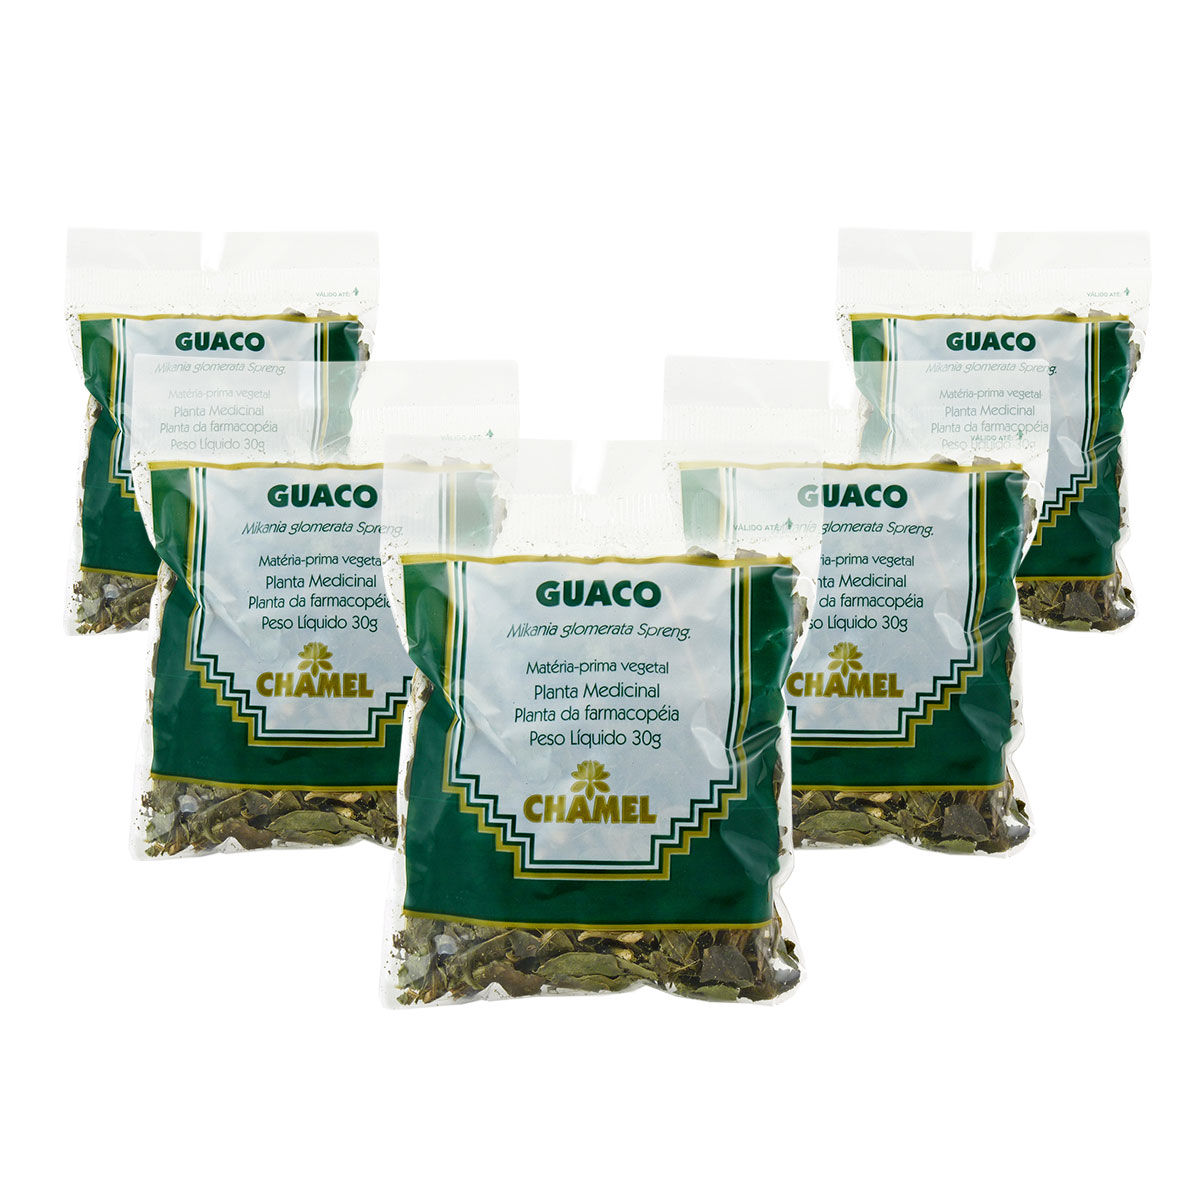 Guaco 30g Chamel com 5 Unidades - Chá Folhas